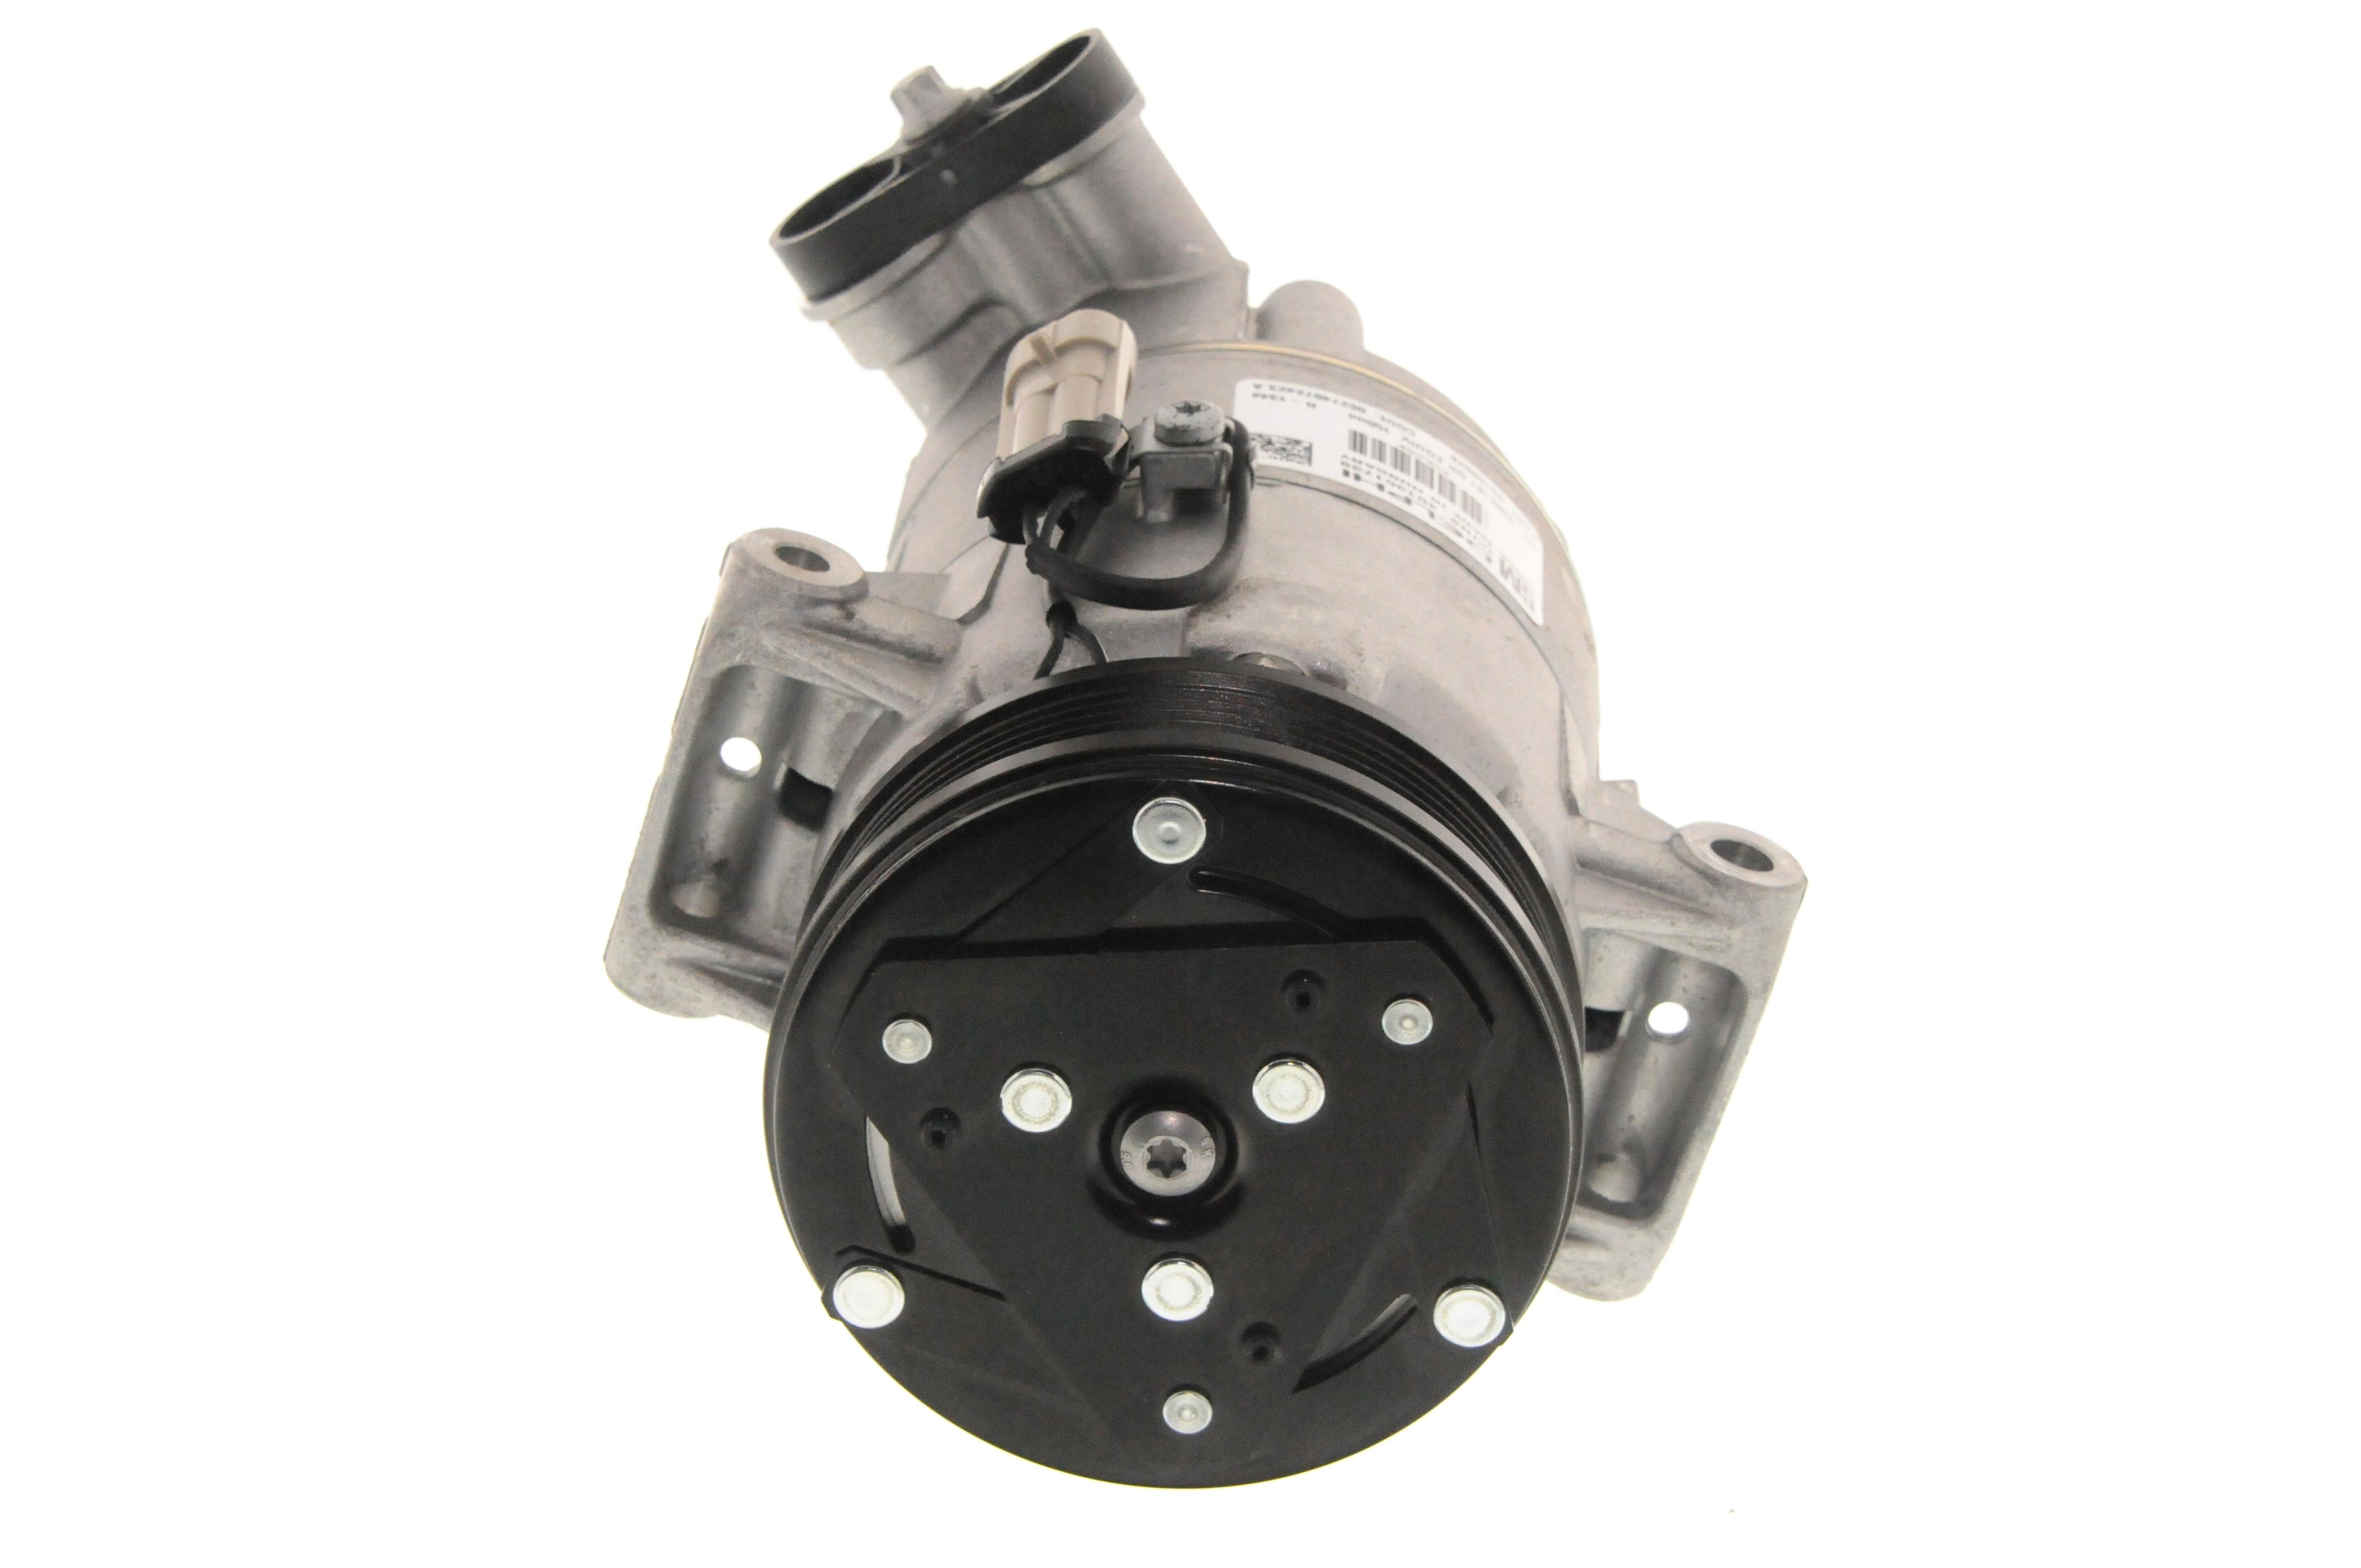 ACDELCO GM ORIGINAL EQUIPMENT - A/C Compressor - DCB 93168628